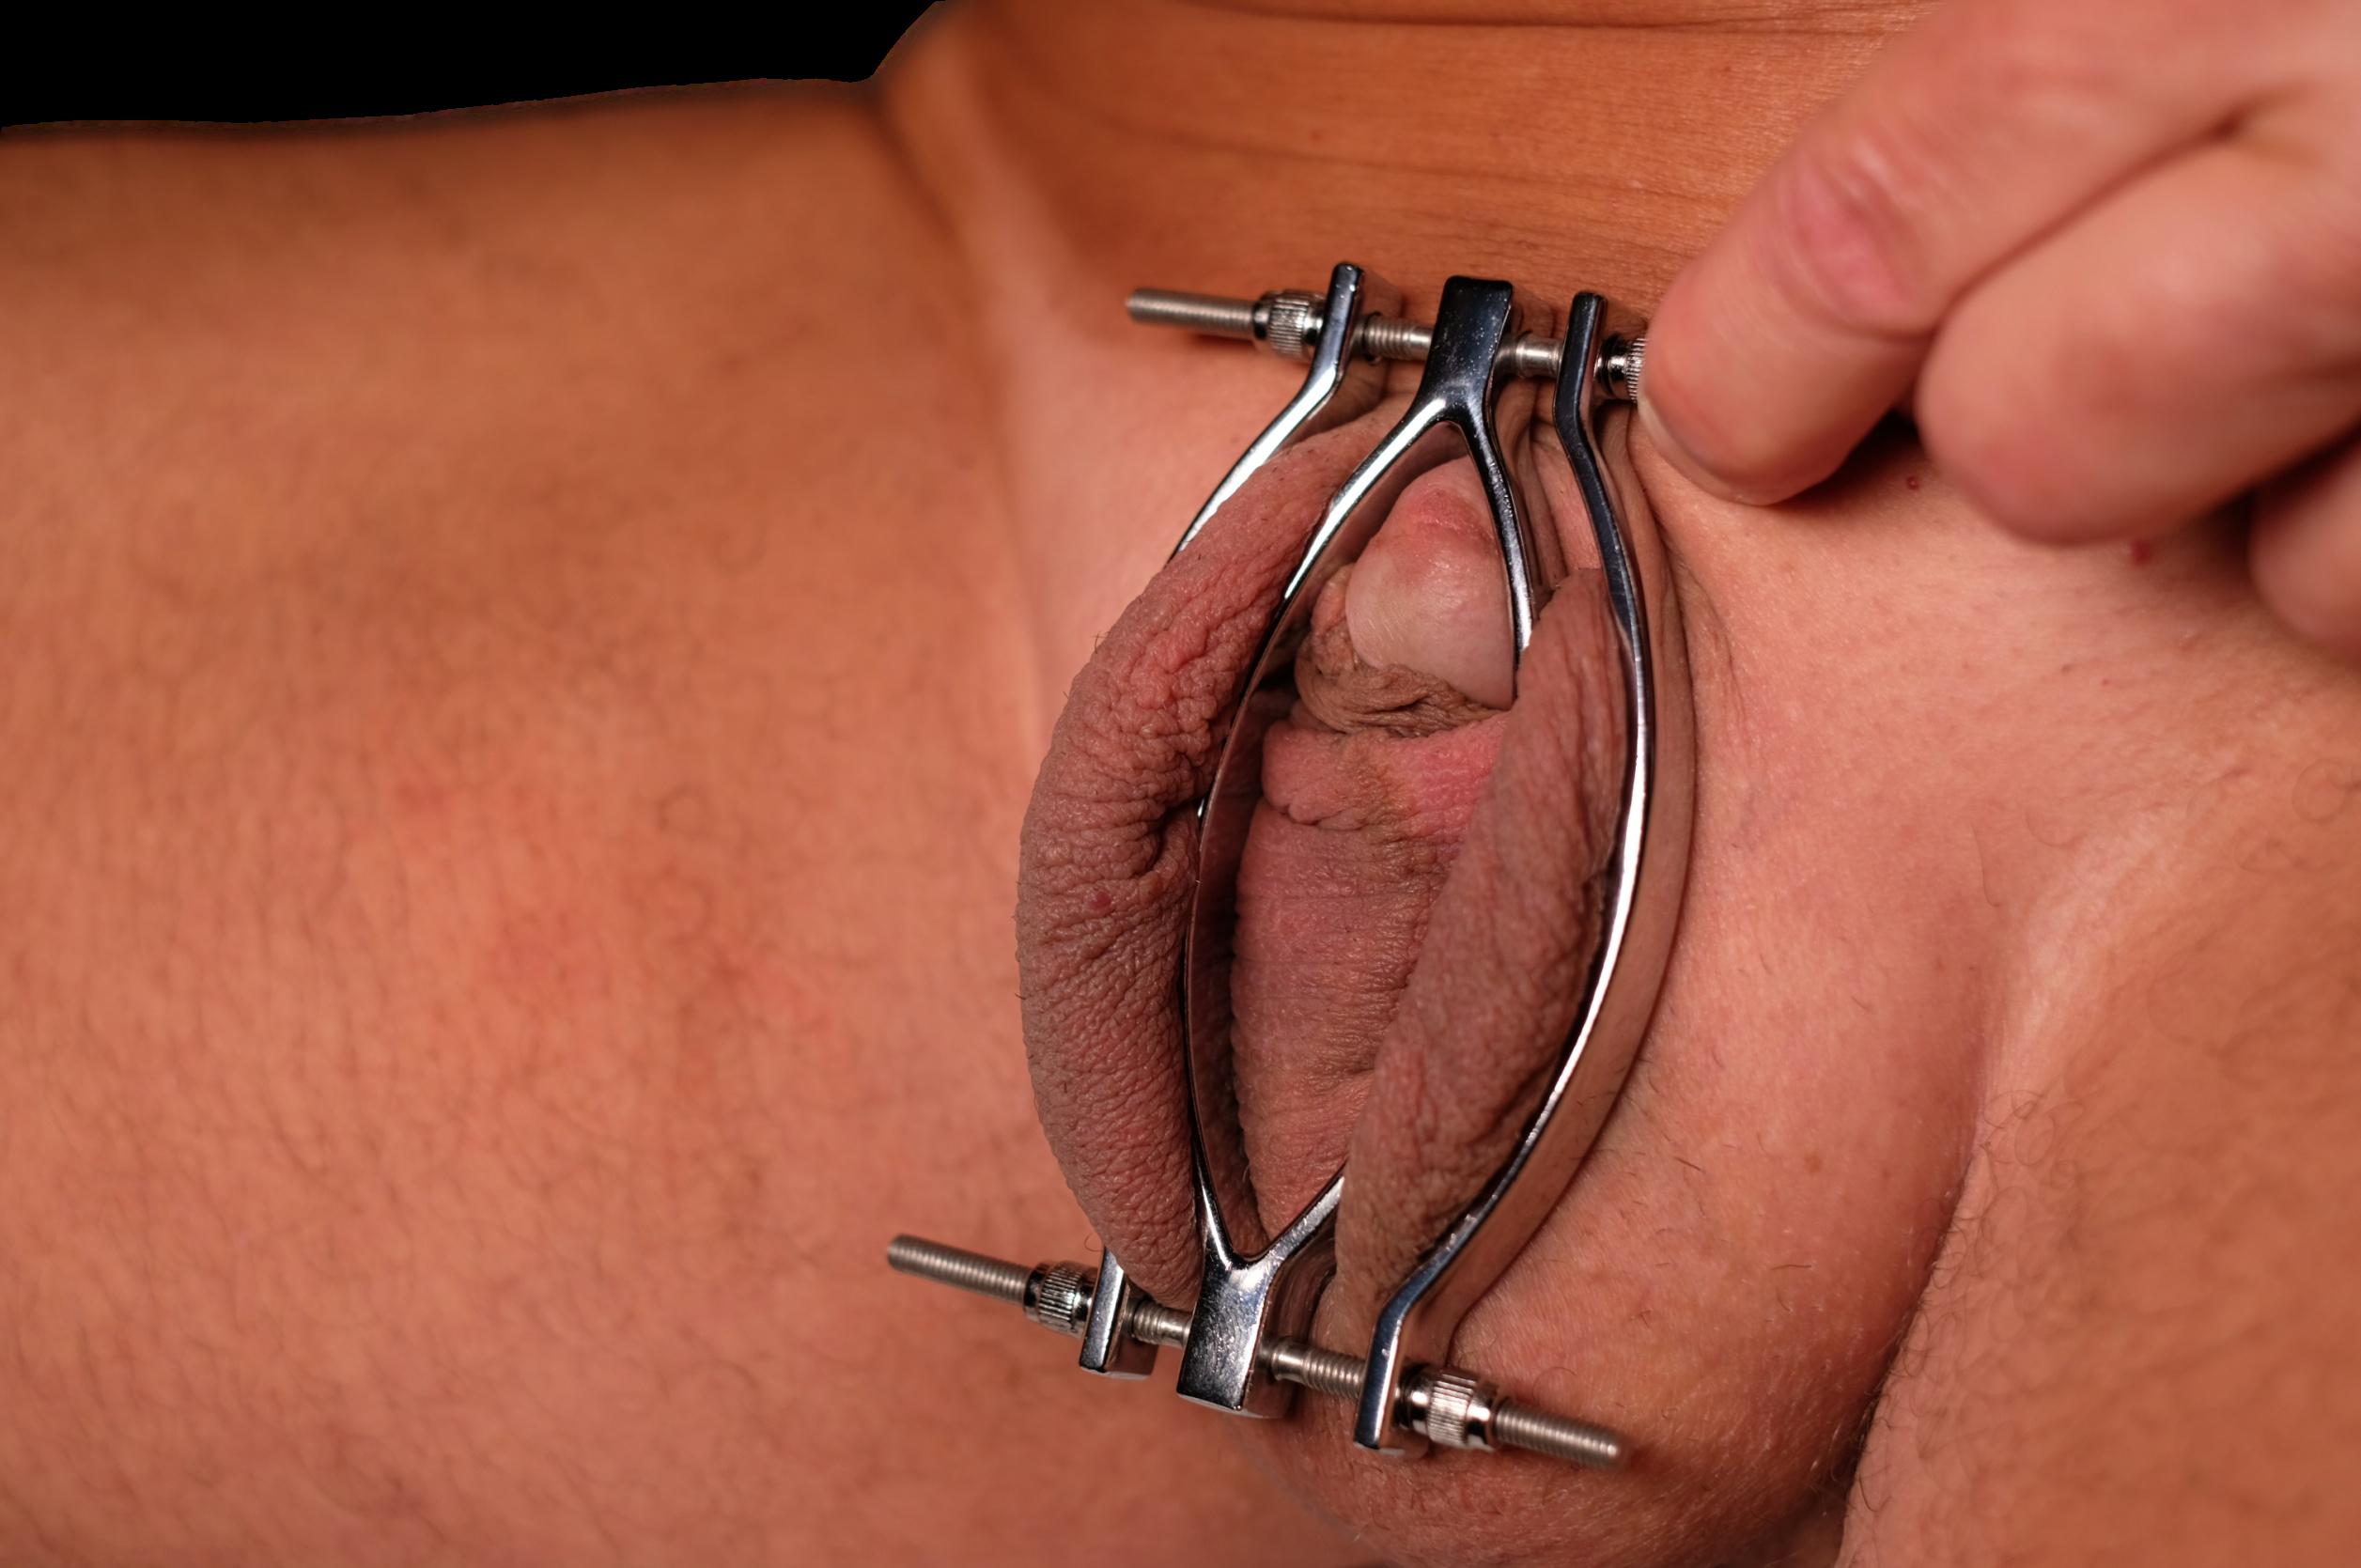 Chastity vaginal Popular Chastity